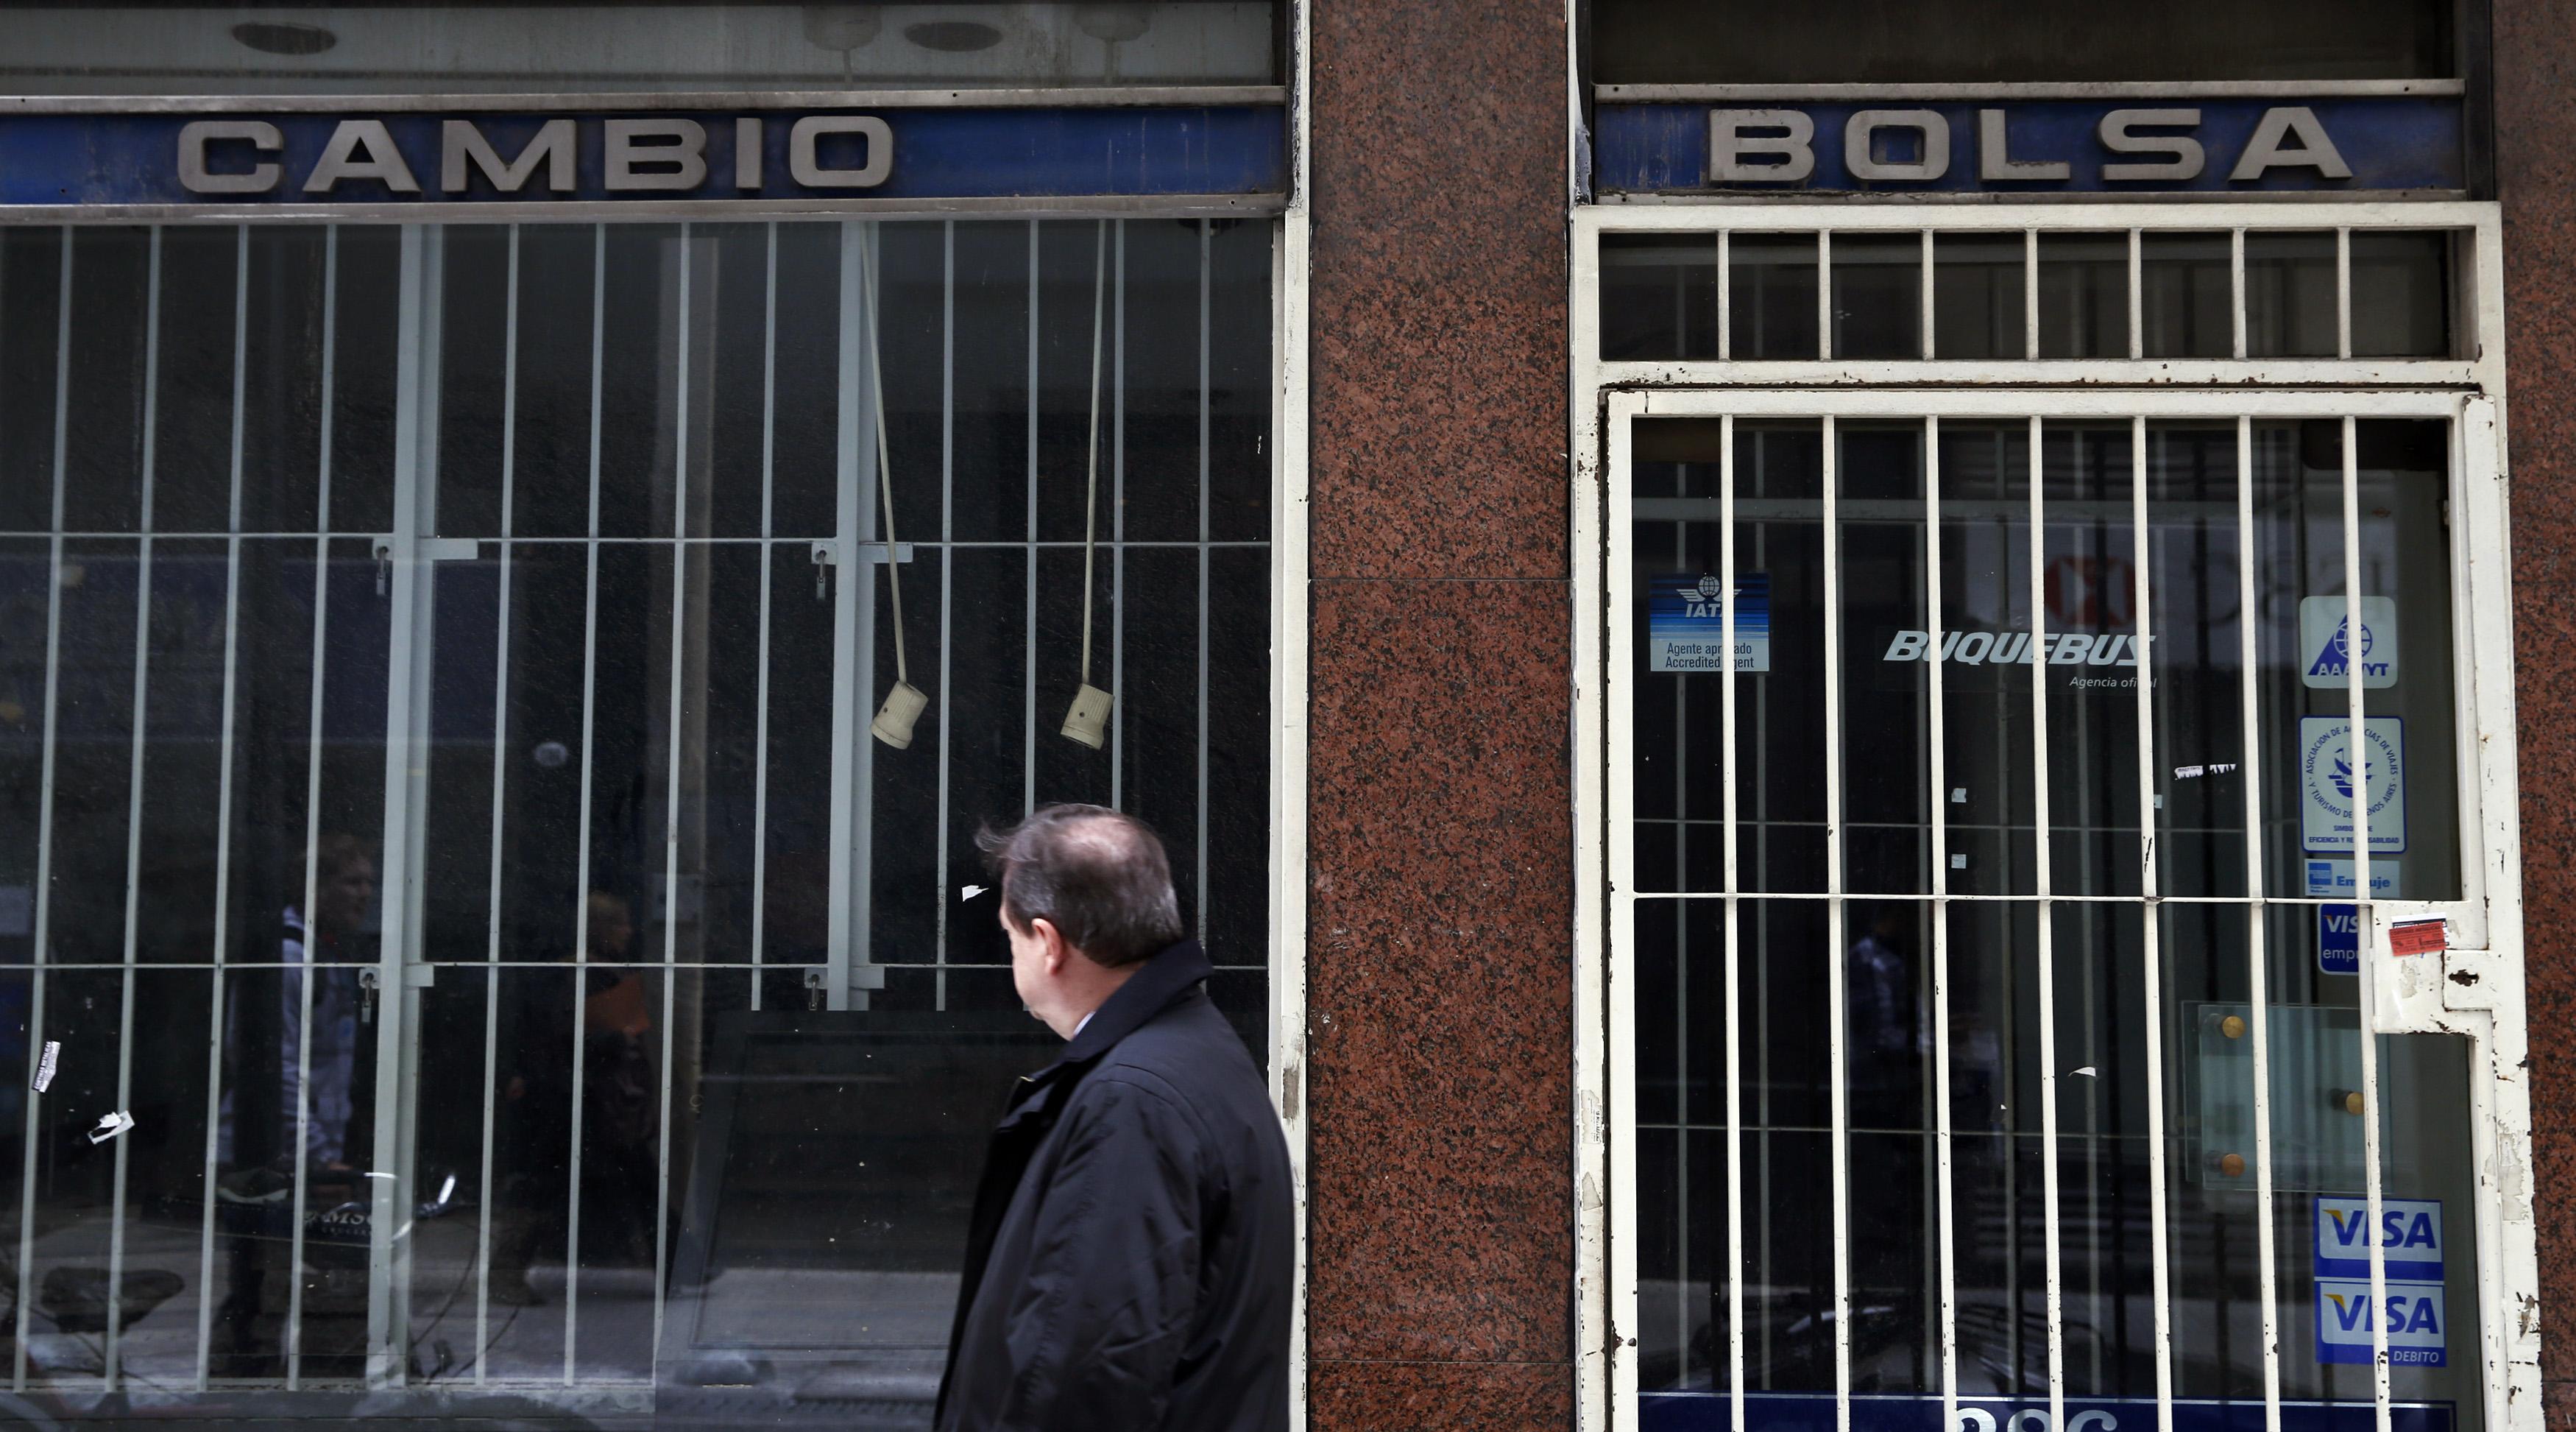 argentina_money_changer001